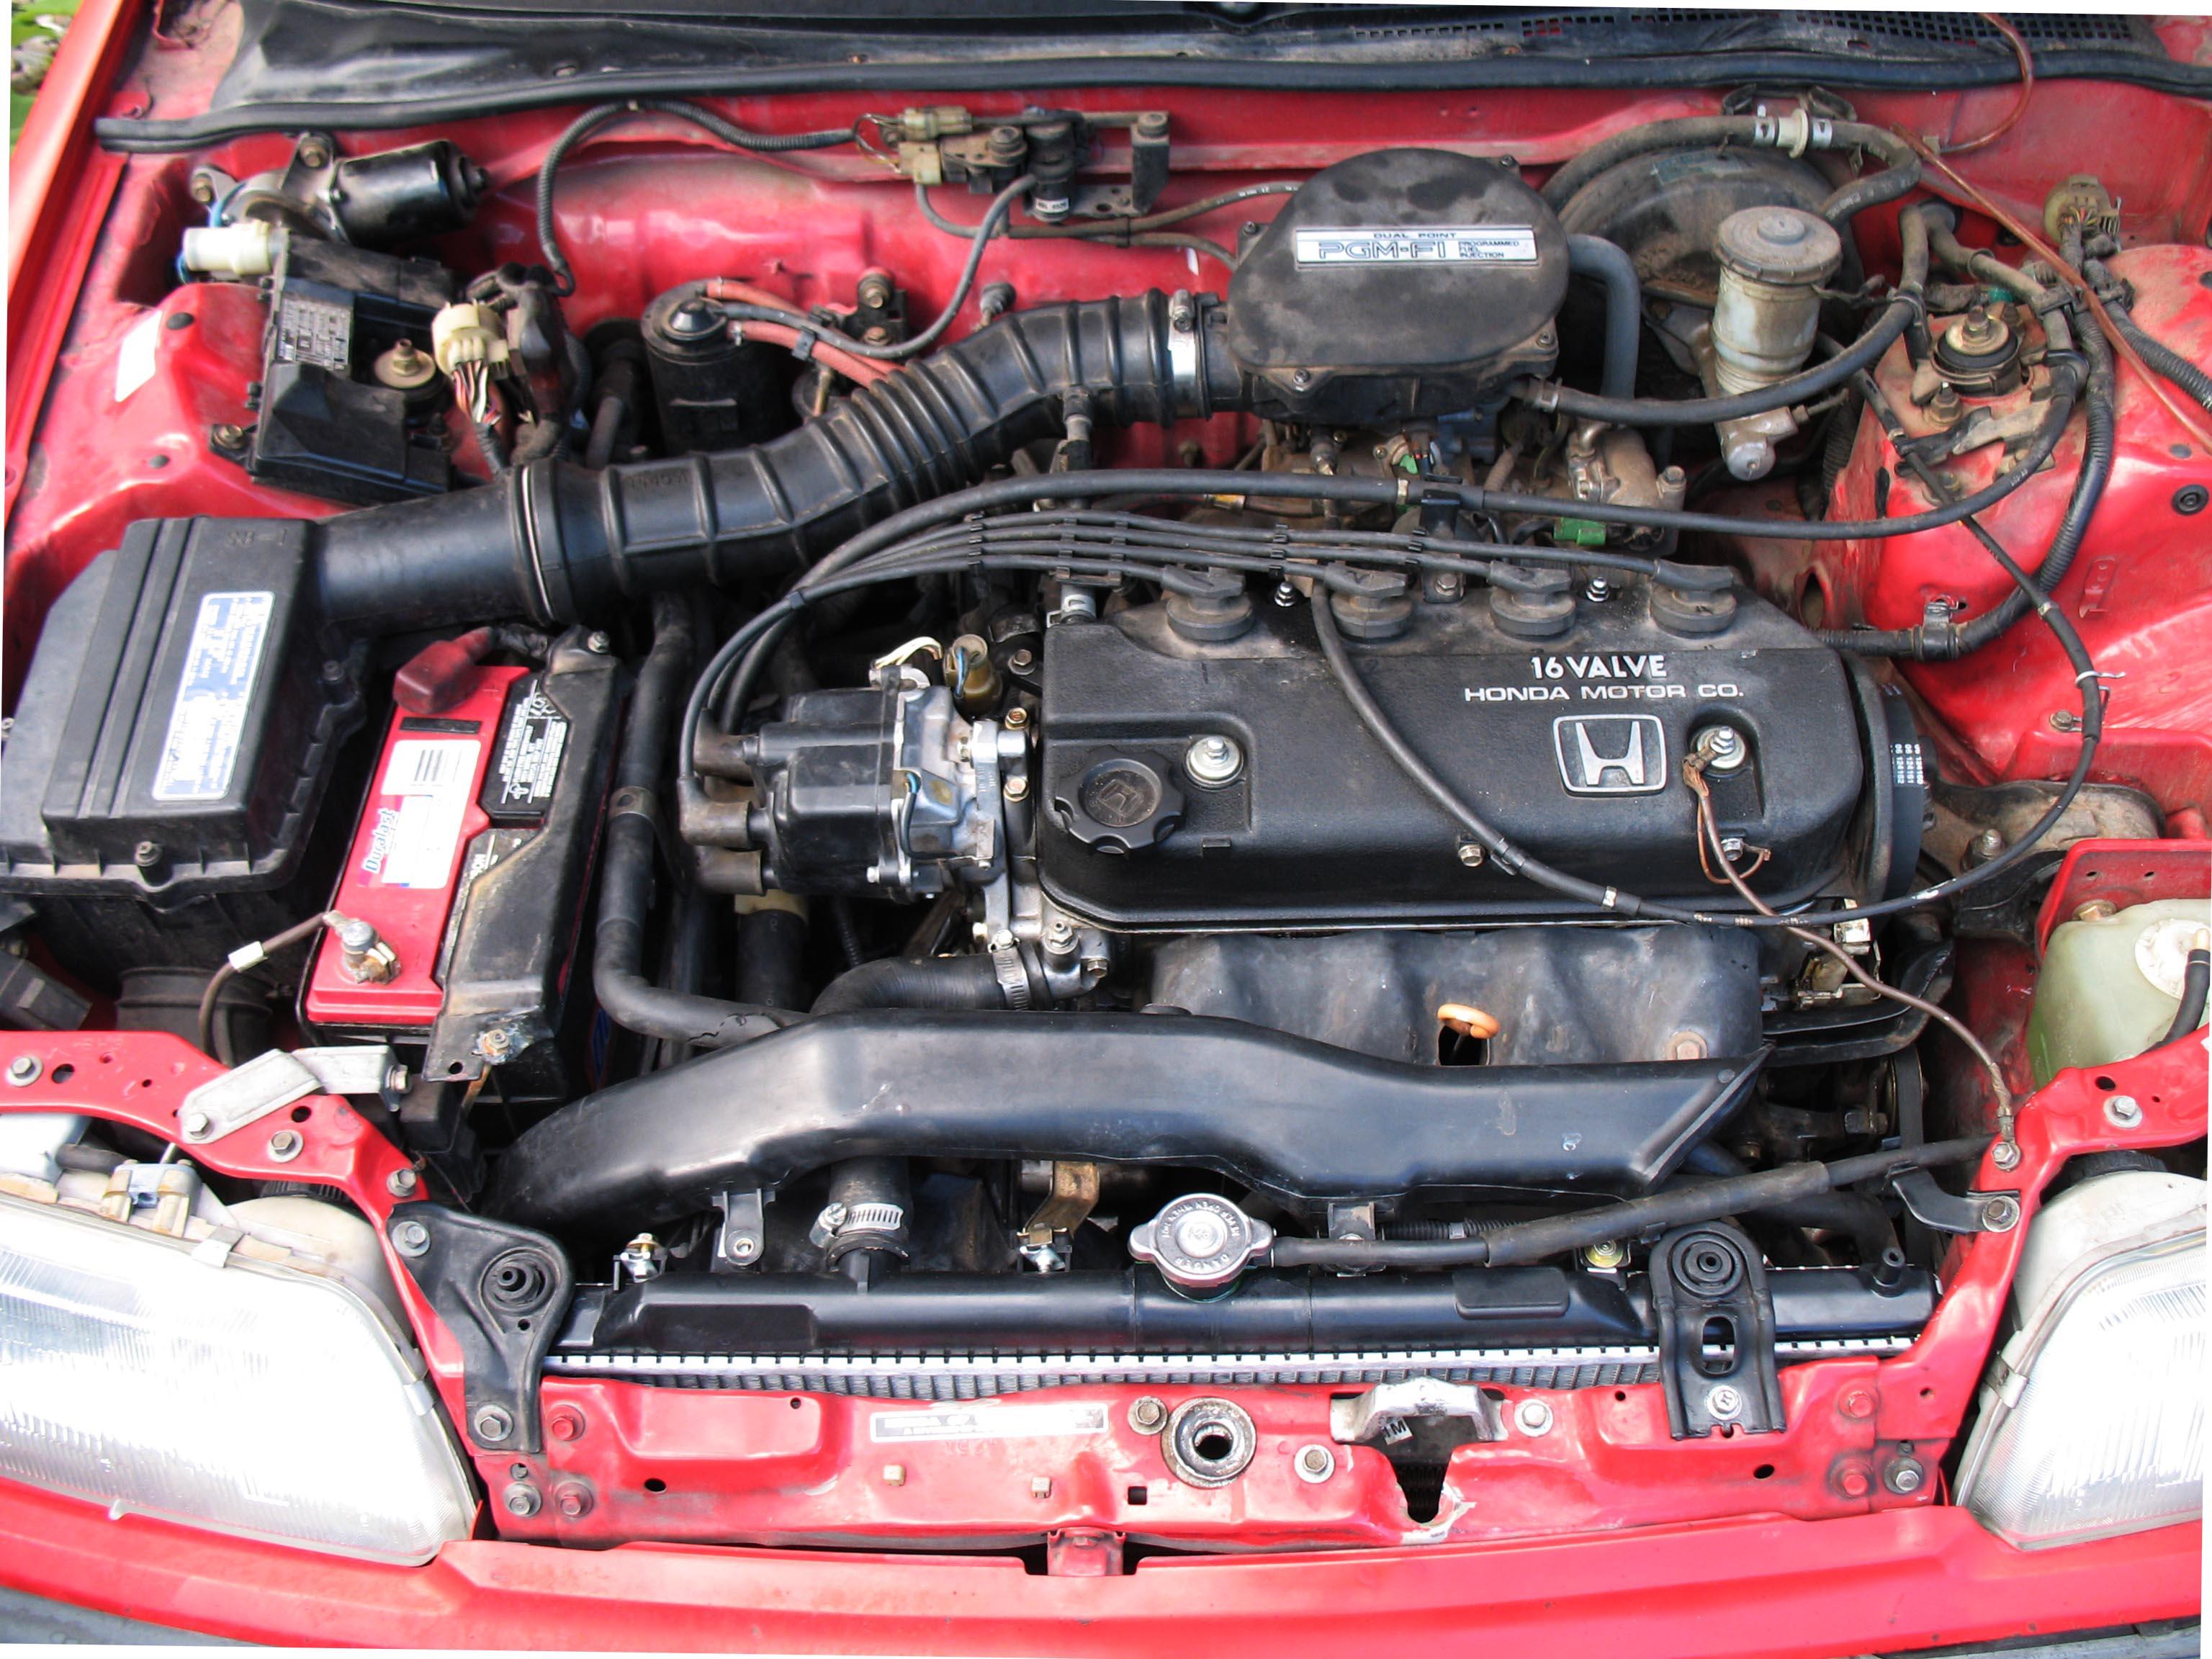 medium resolution of 91 accord engine head diagram wiring library91 accord engine head diagram